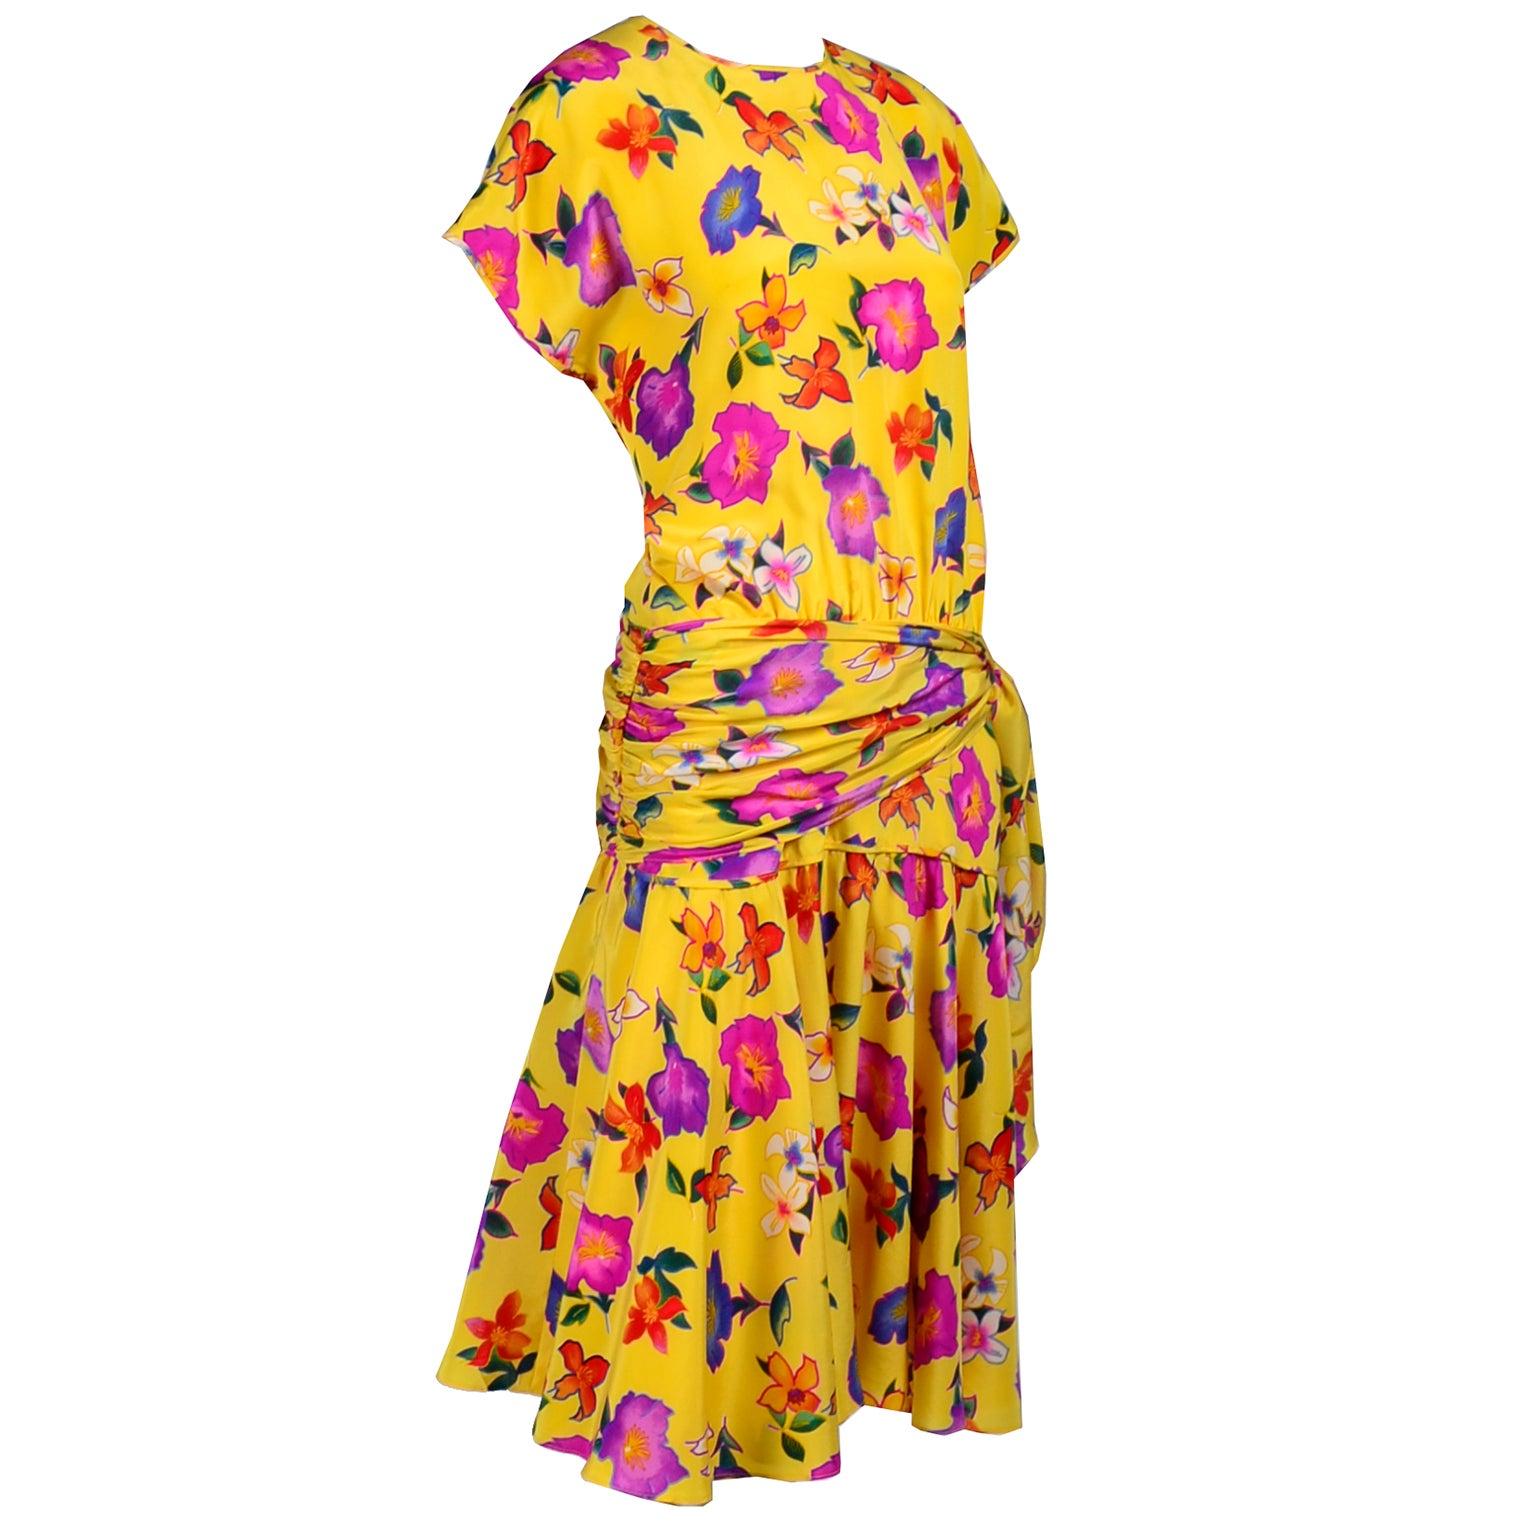 1980s Silk Escada Dress in Yellow Floral Silk Print by Margaretha Ley Size 8/10